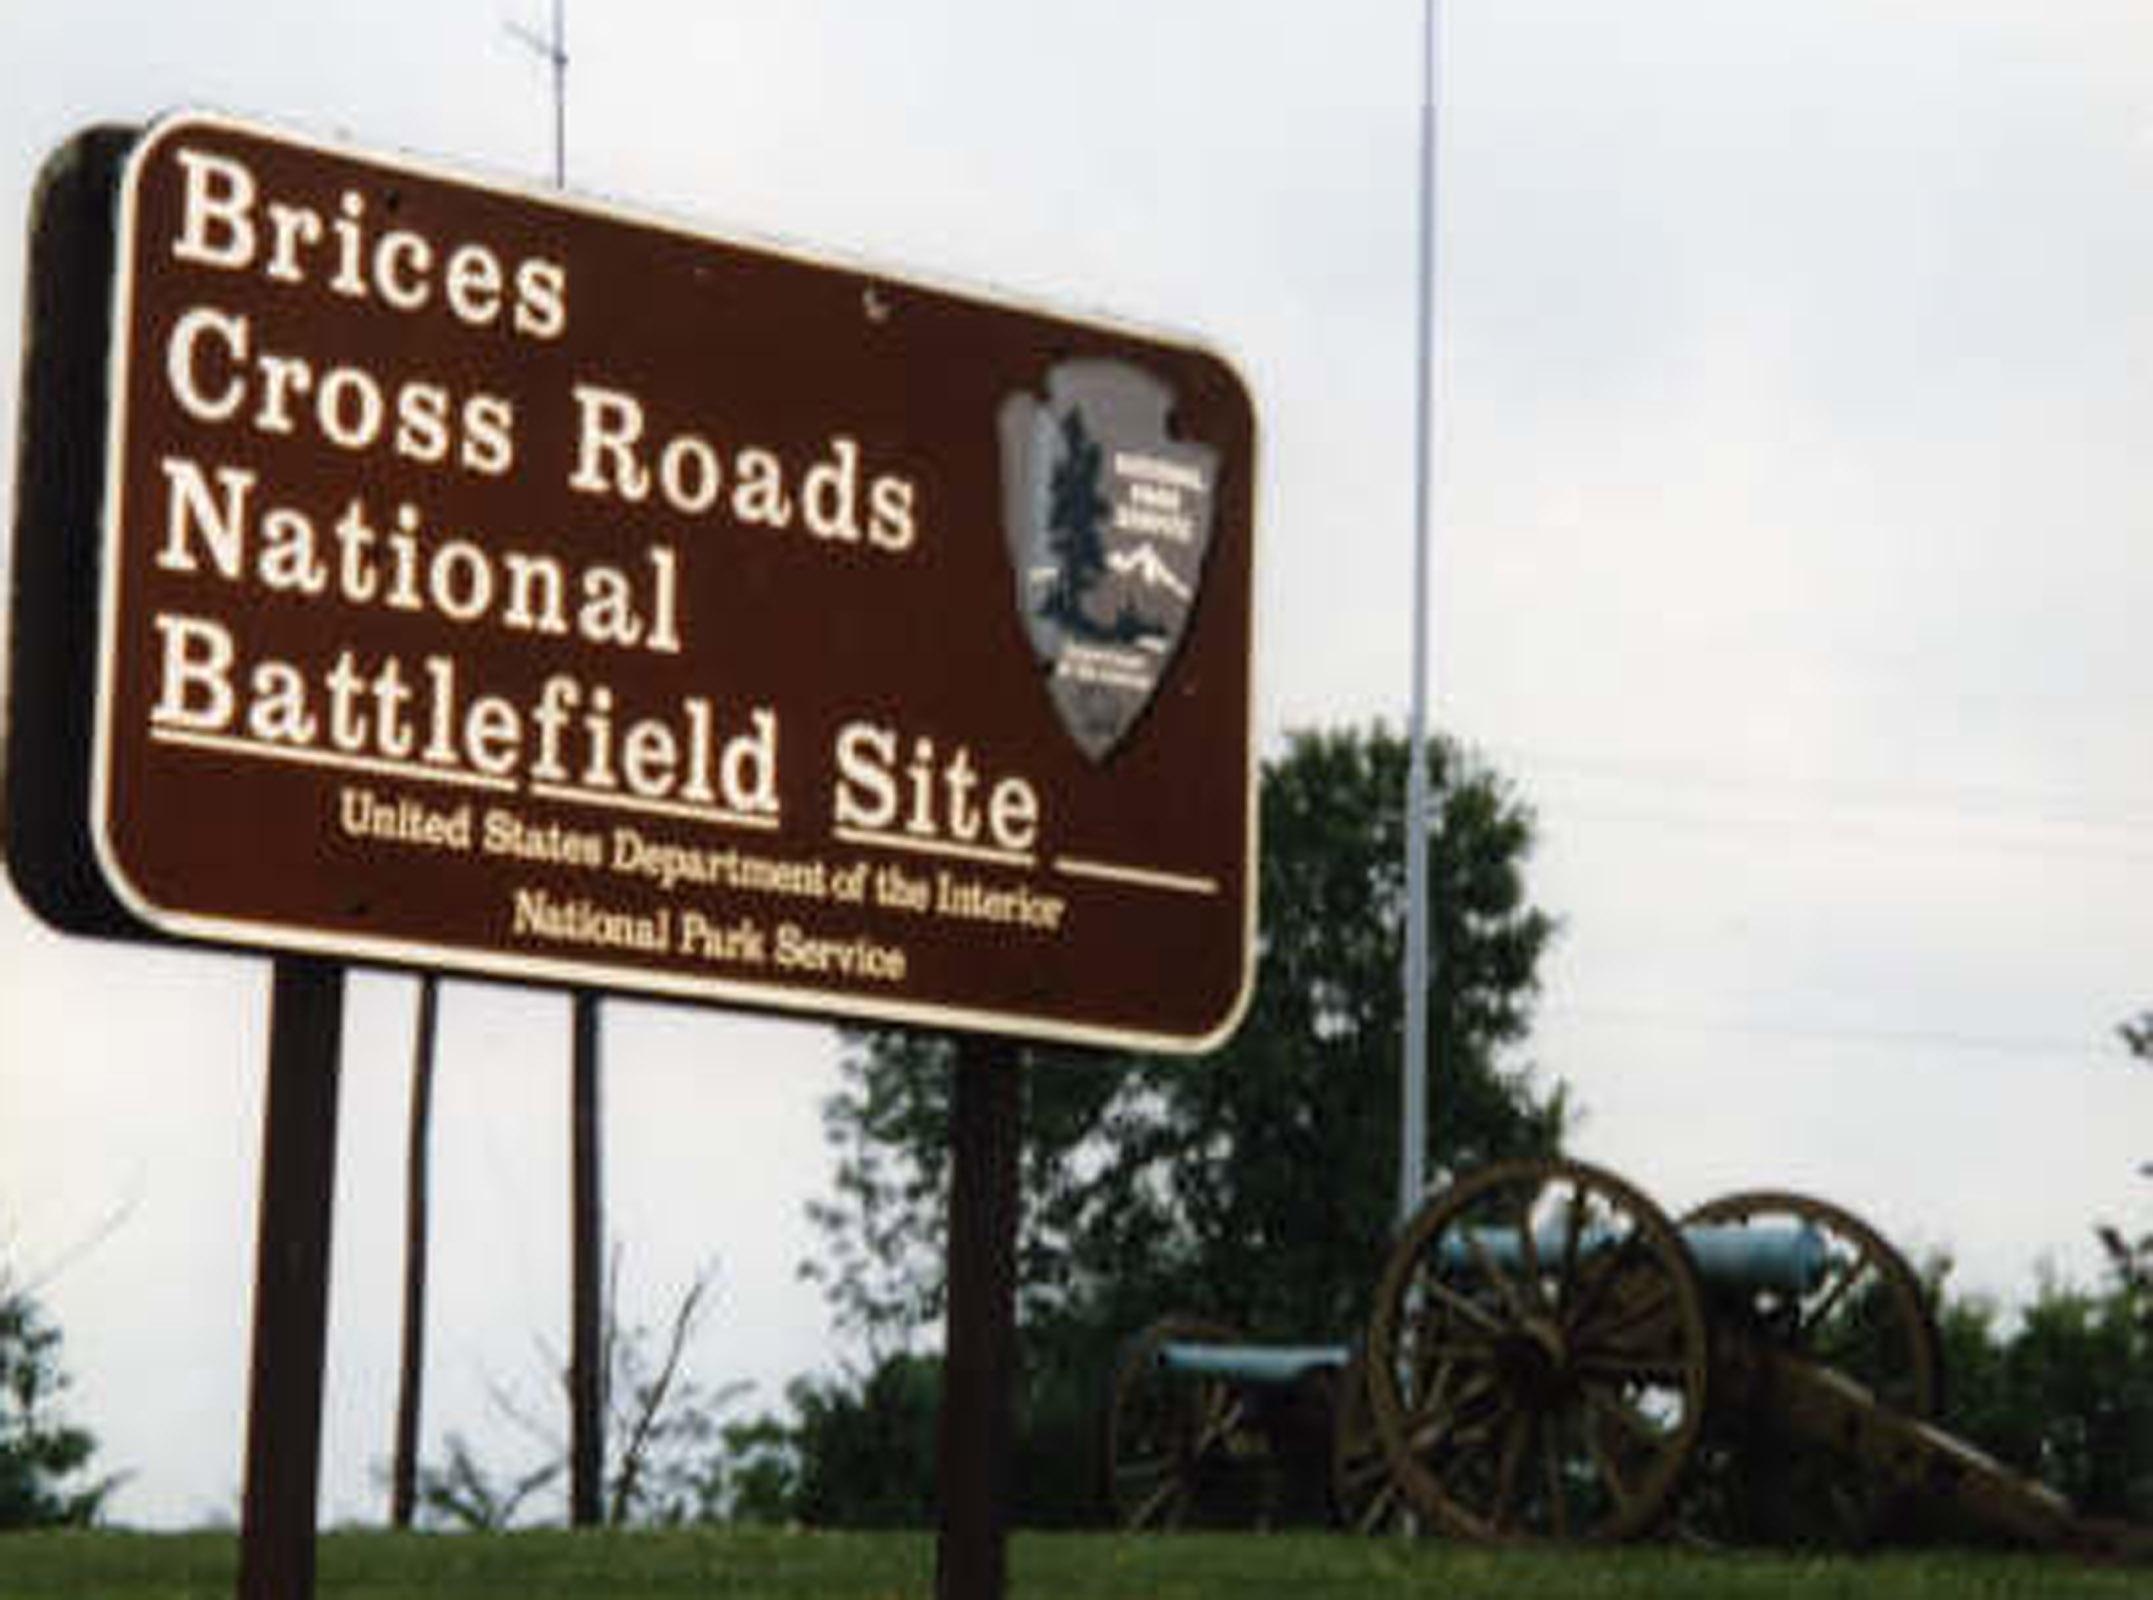 Brices Cross Roads